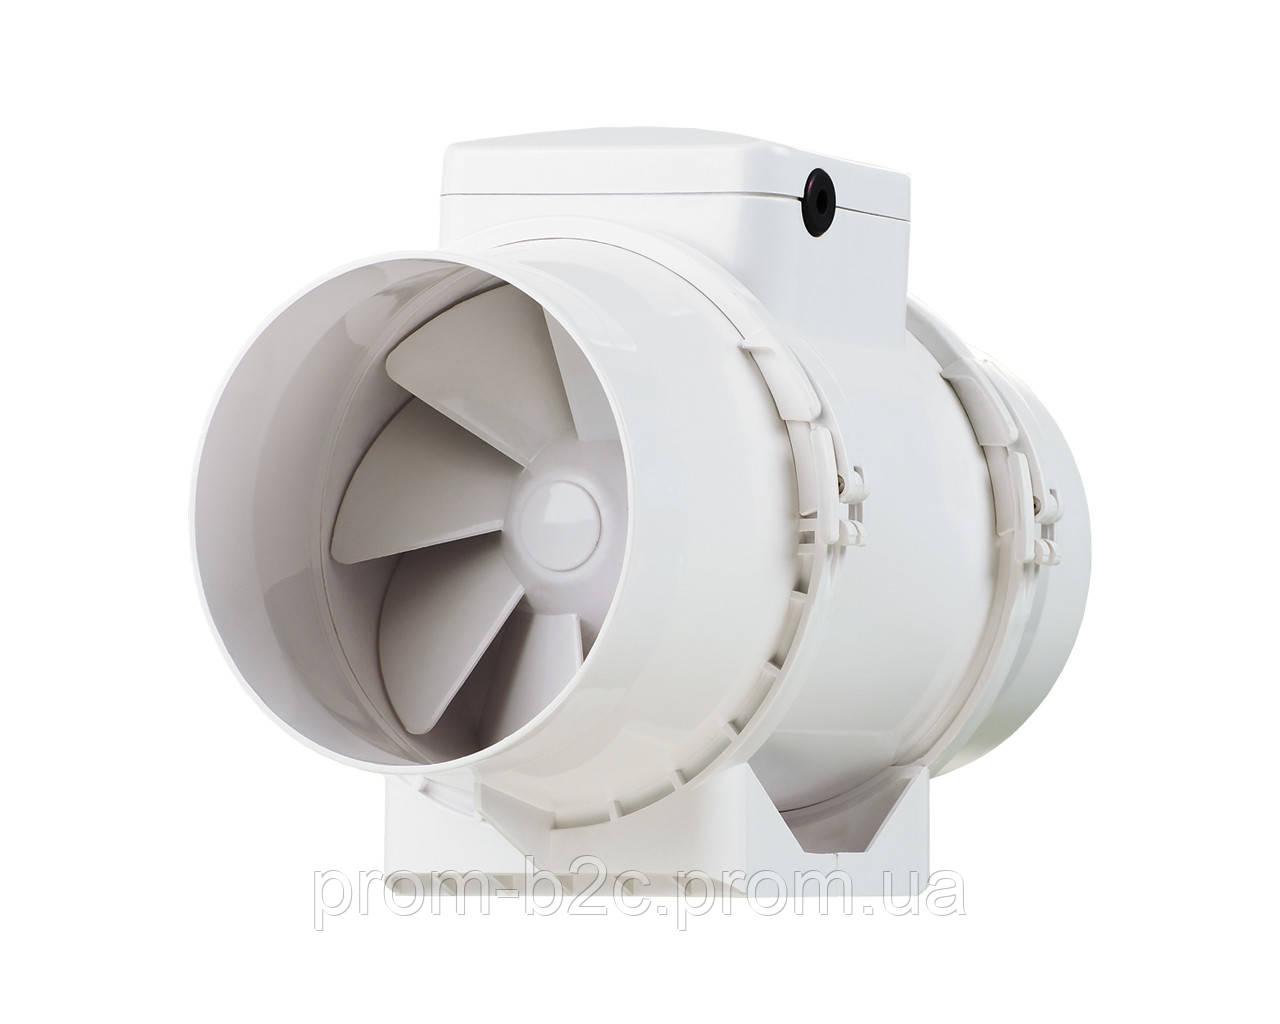 Вентилятор Вентс ТТ 150 Т